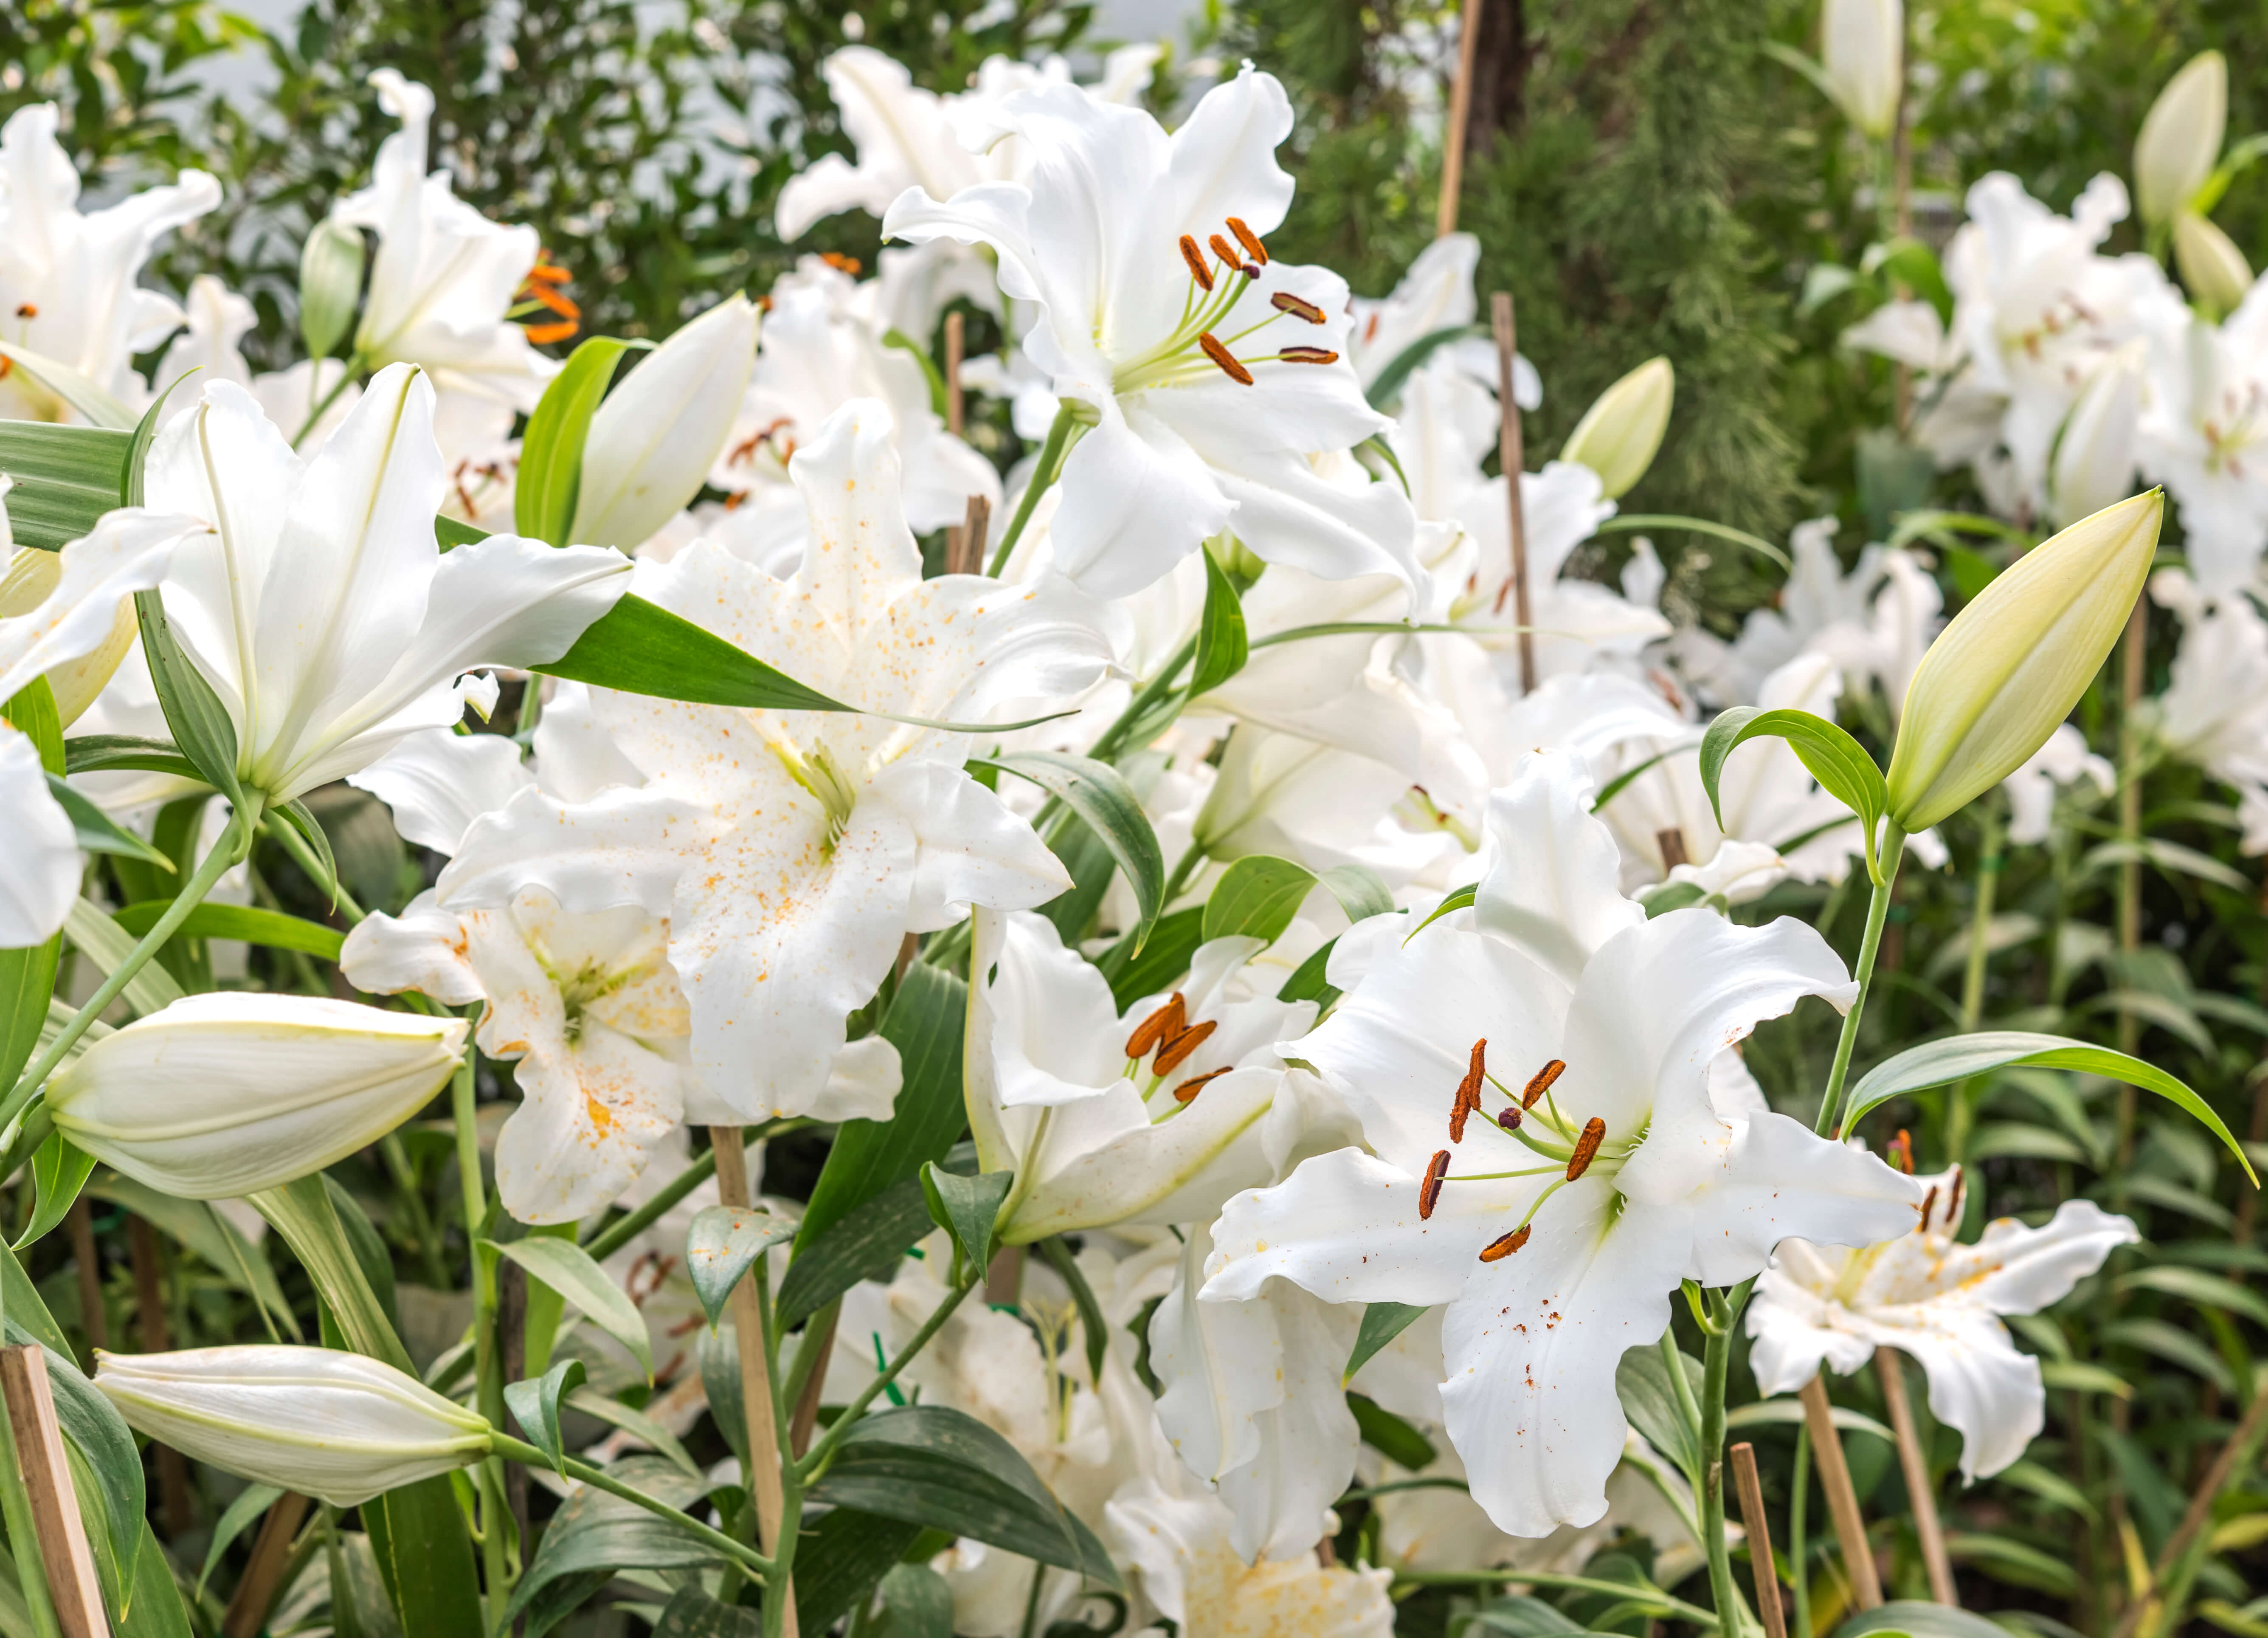 White lily in garden field